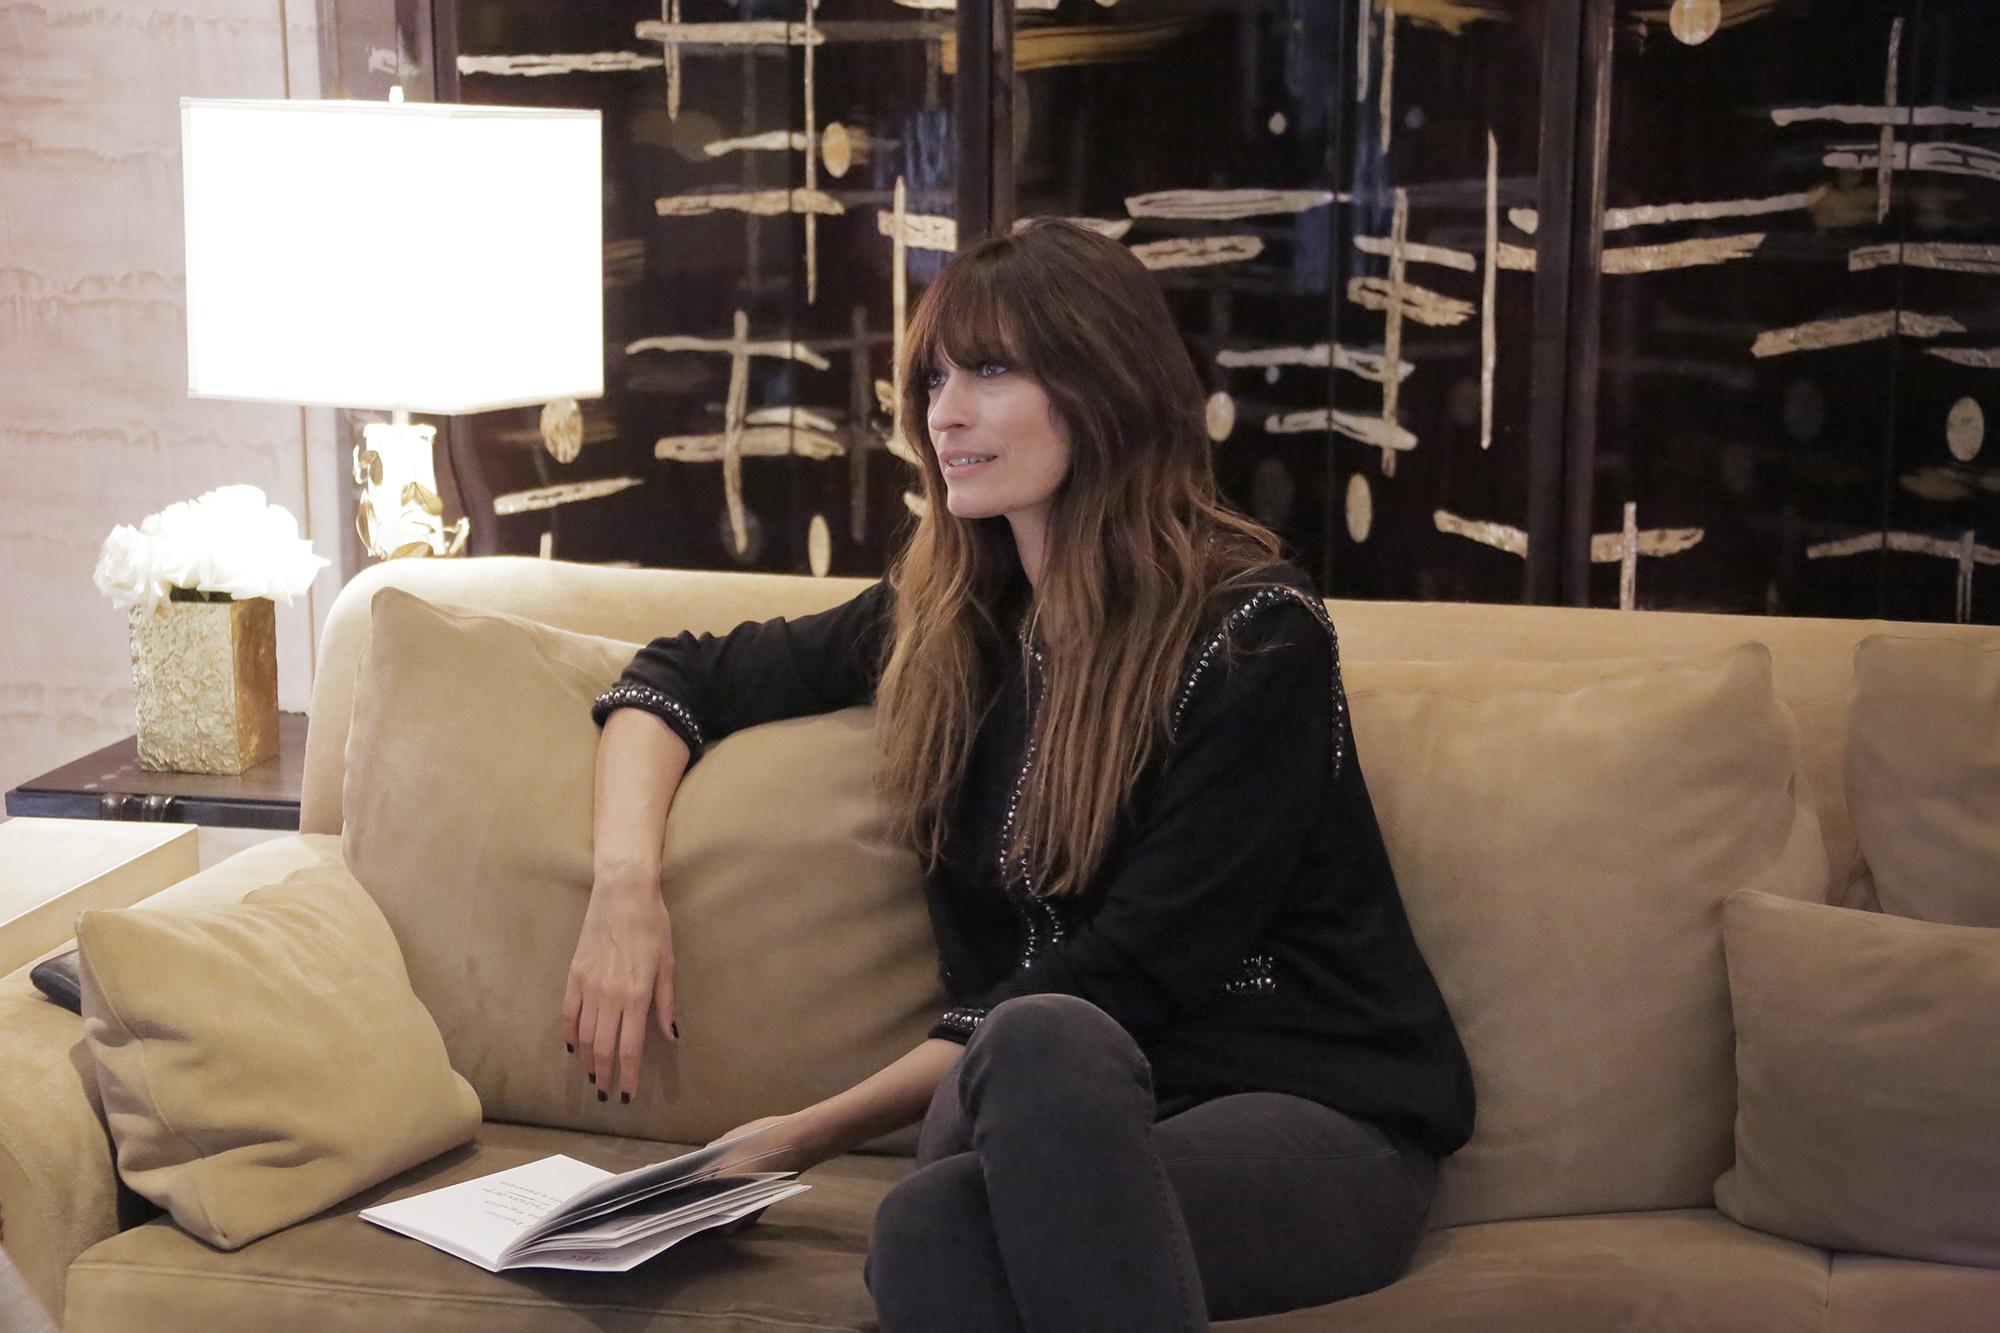 Парижский шик в деталях: Каролин де Мегрэ и Chanel запустили совместный блог-320x180